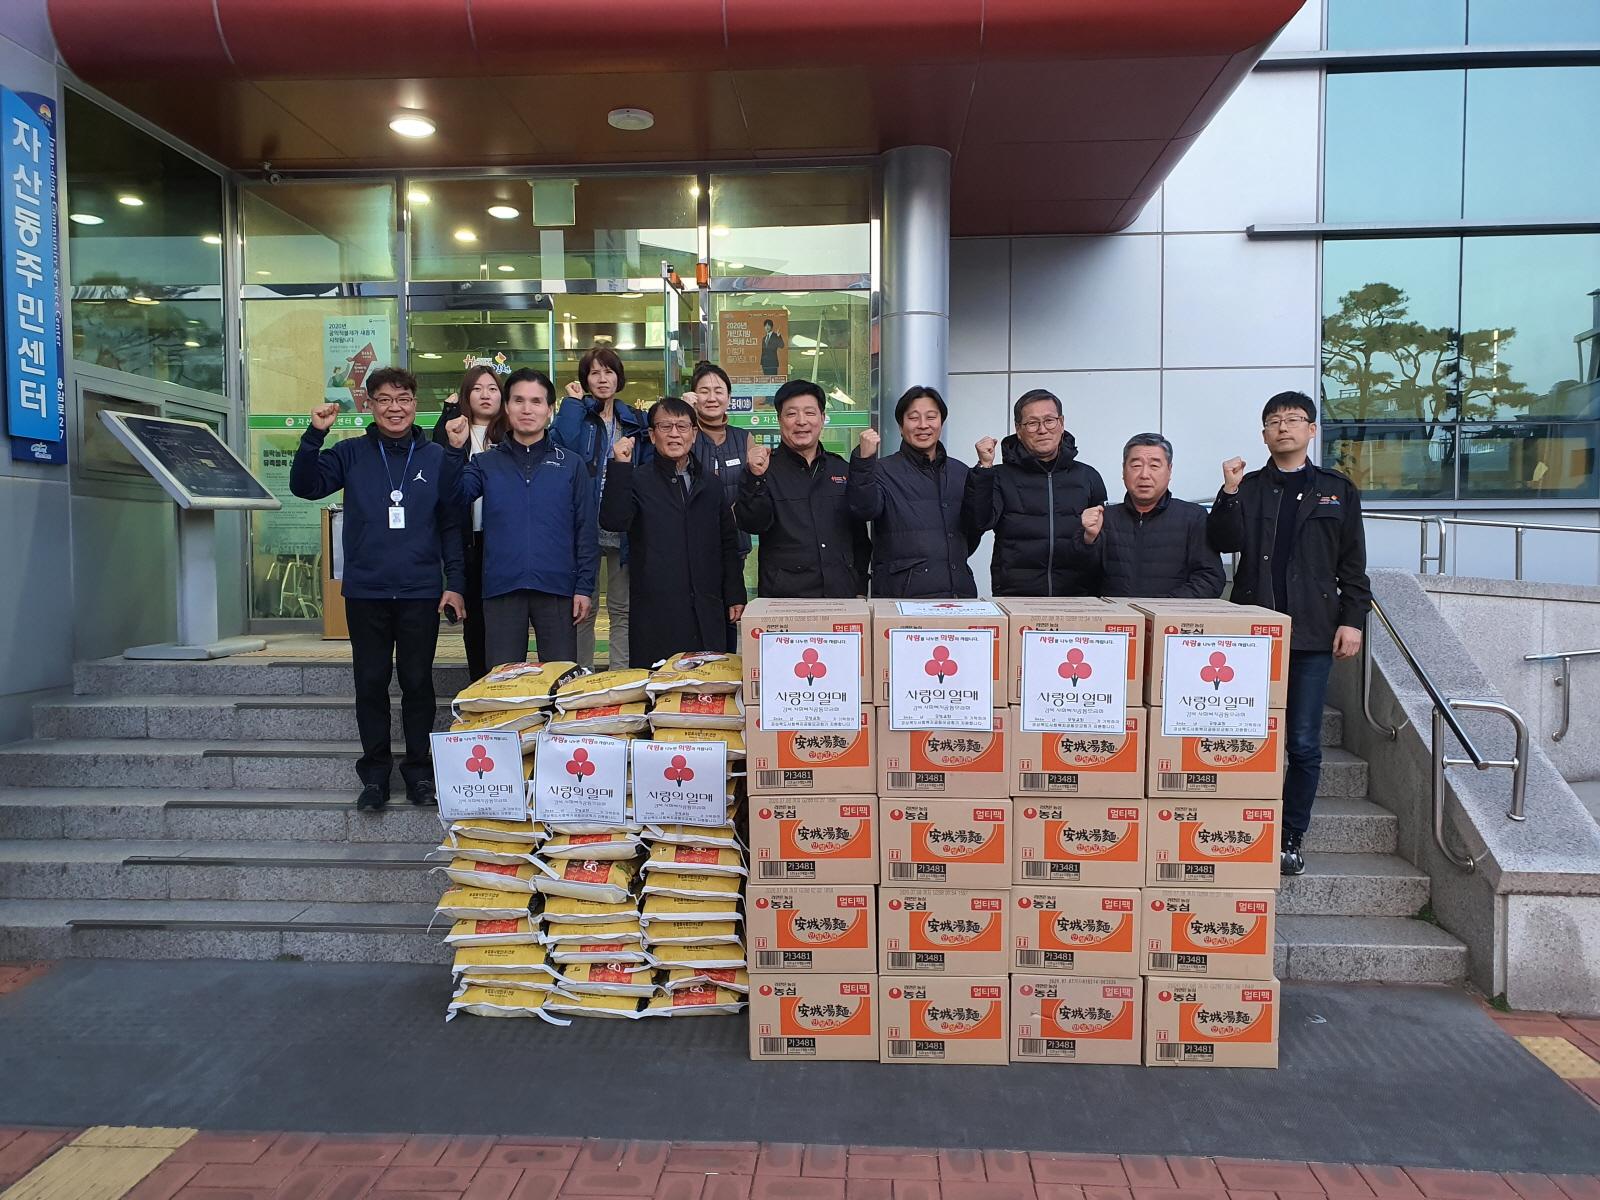 김천모암교회, 어려운 이웃 위해 쌀, 라면 기탁